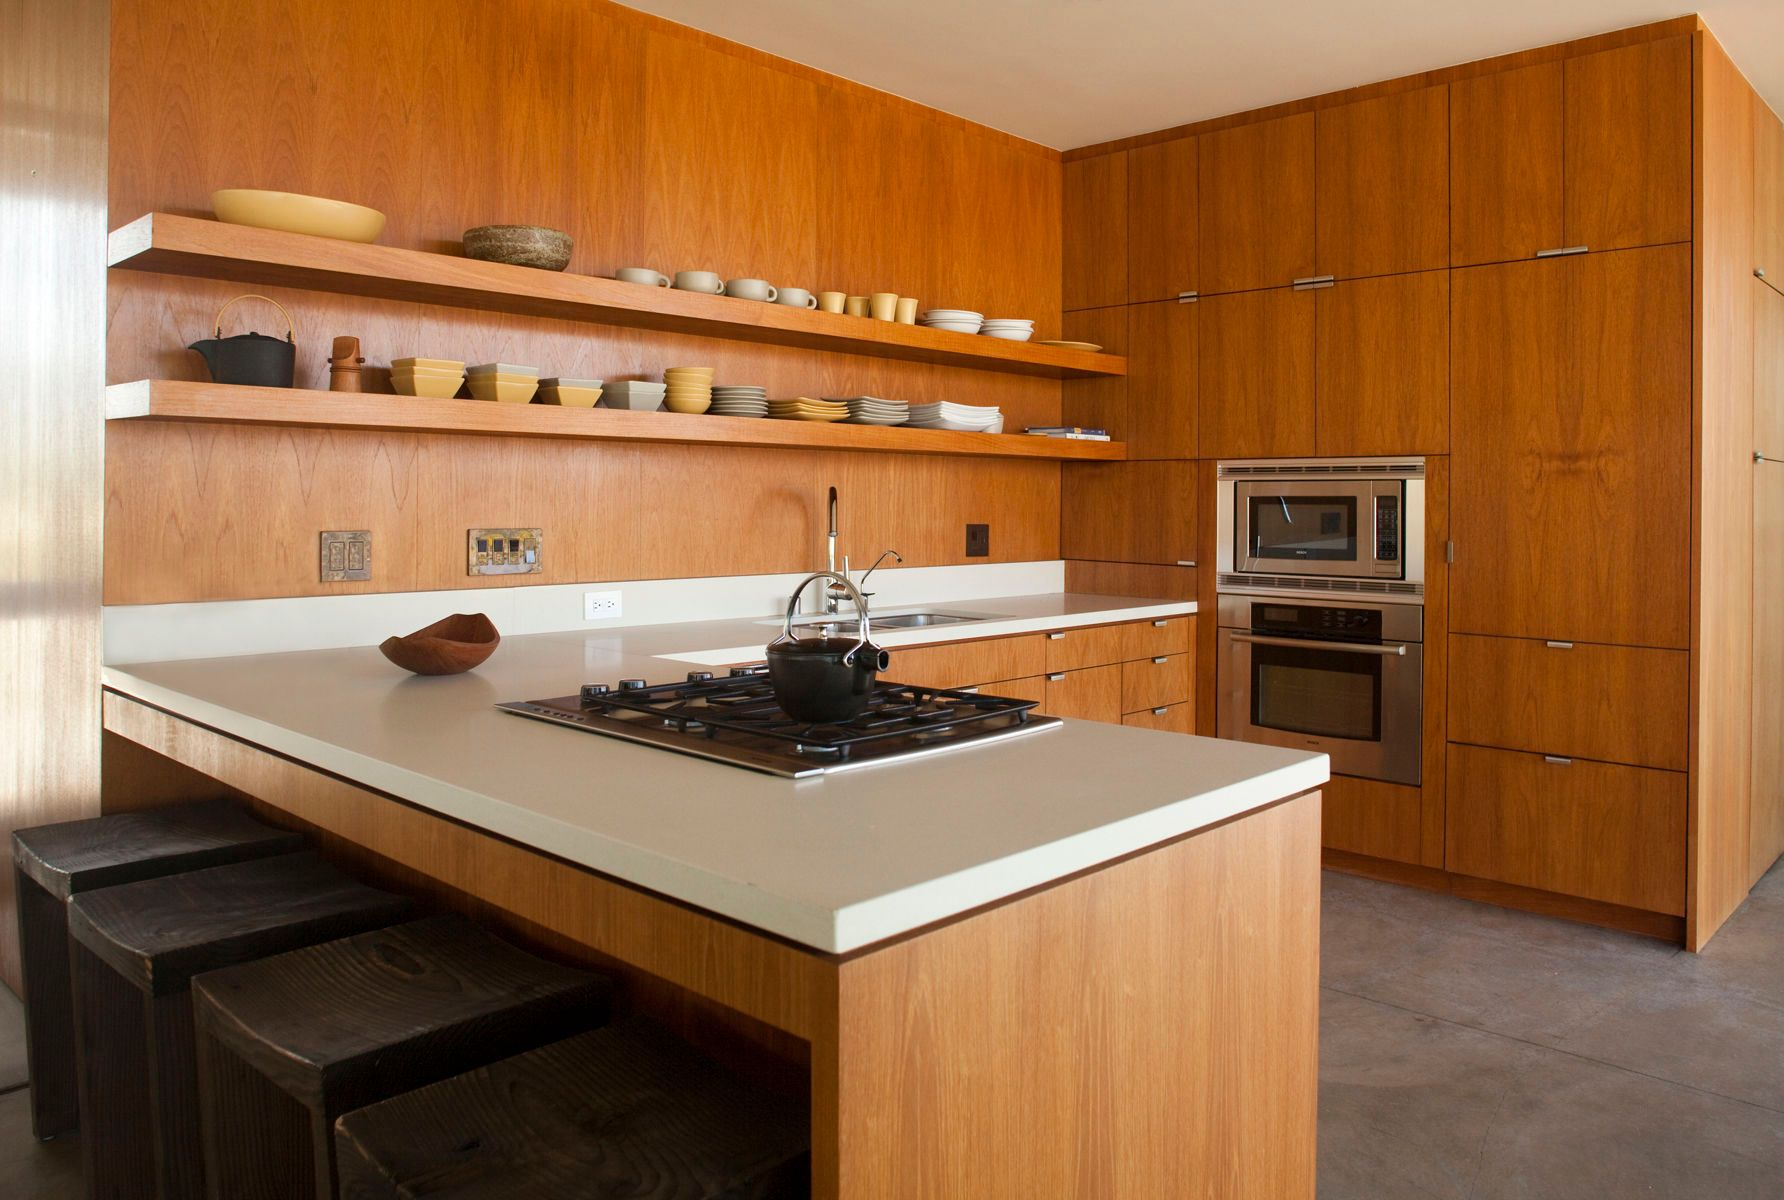 Marmol Radziner Desert House Kitchen